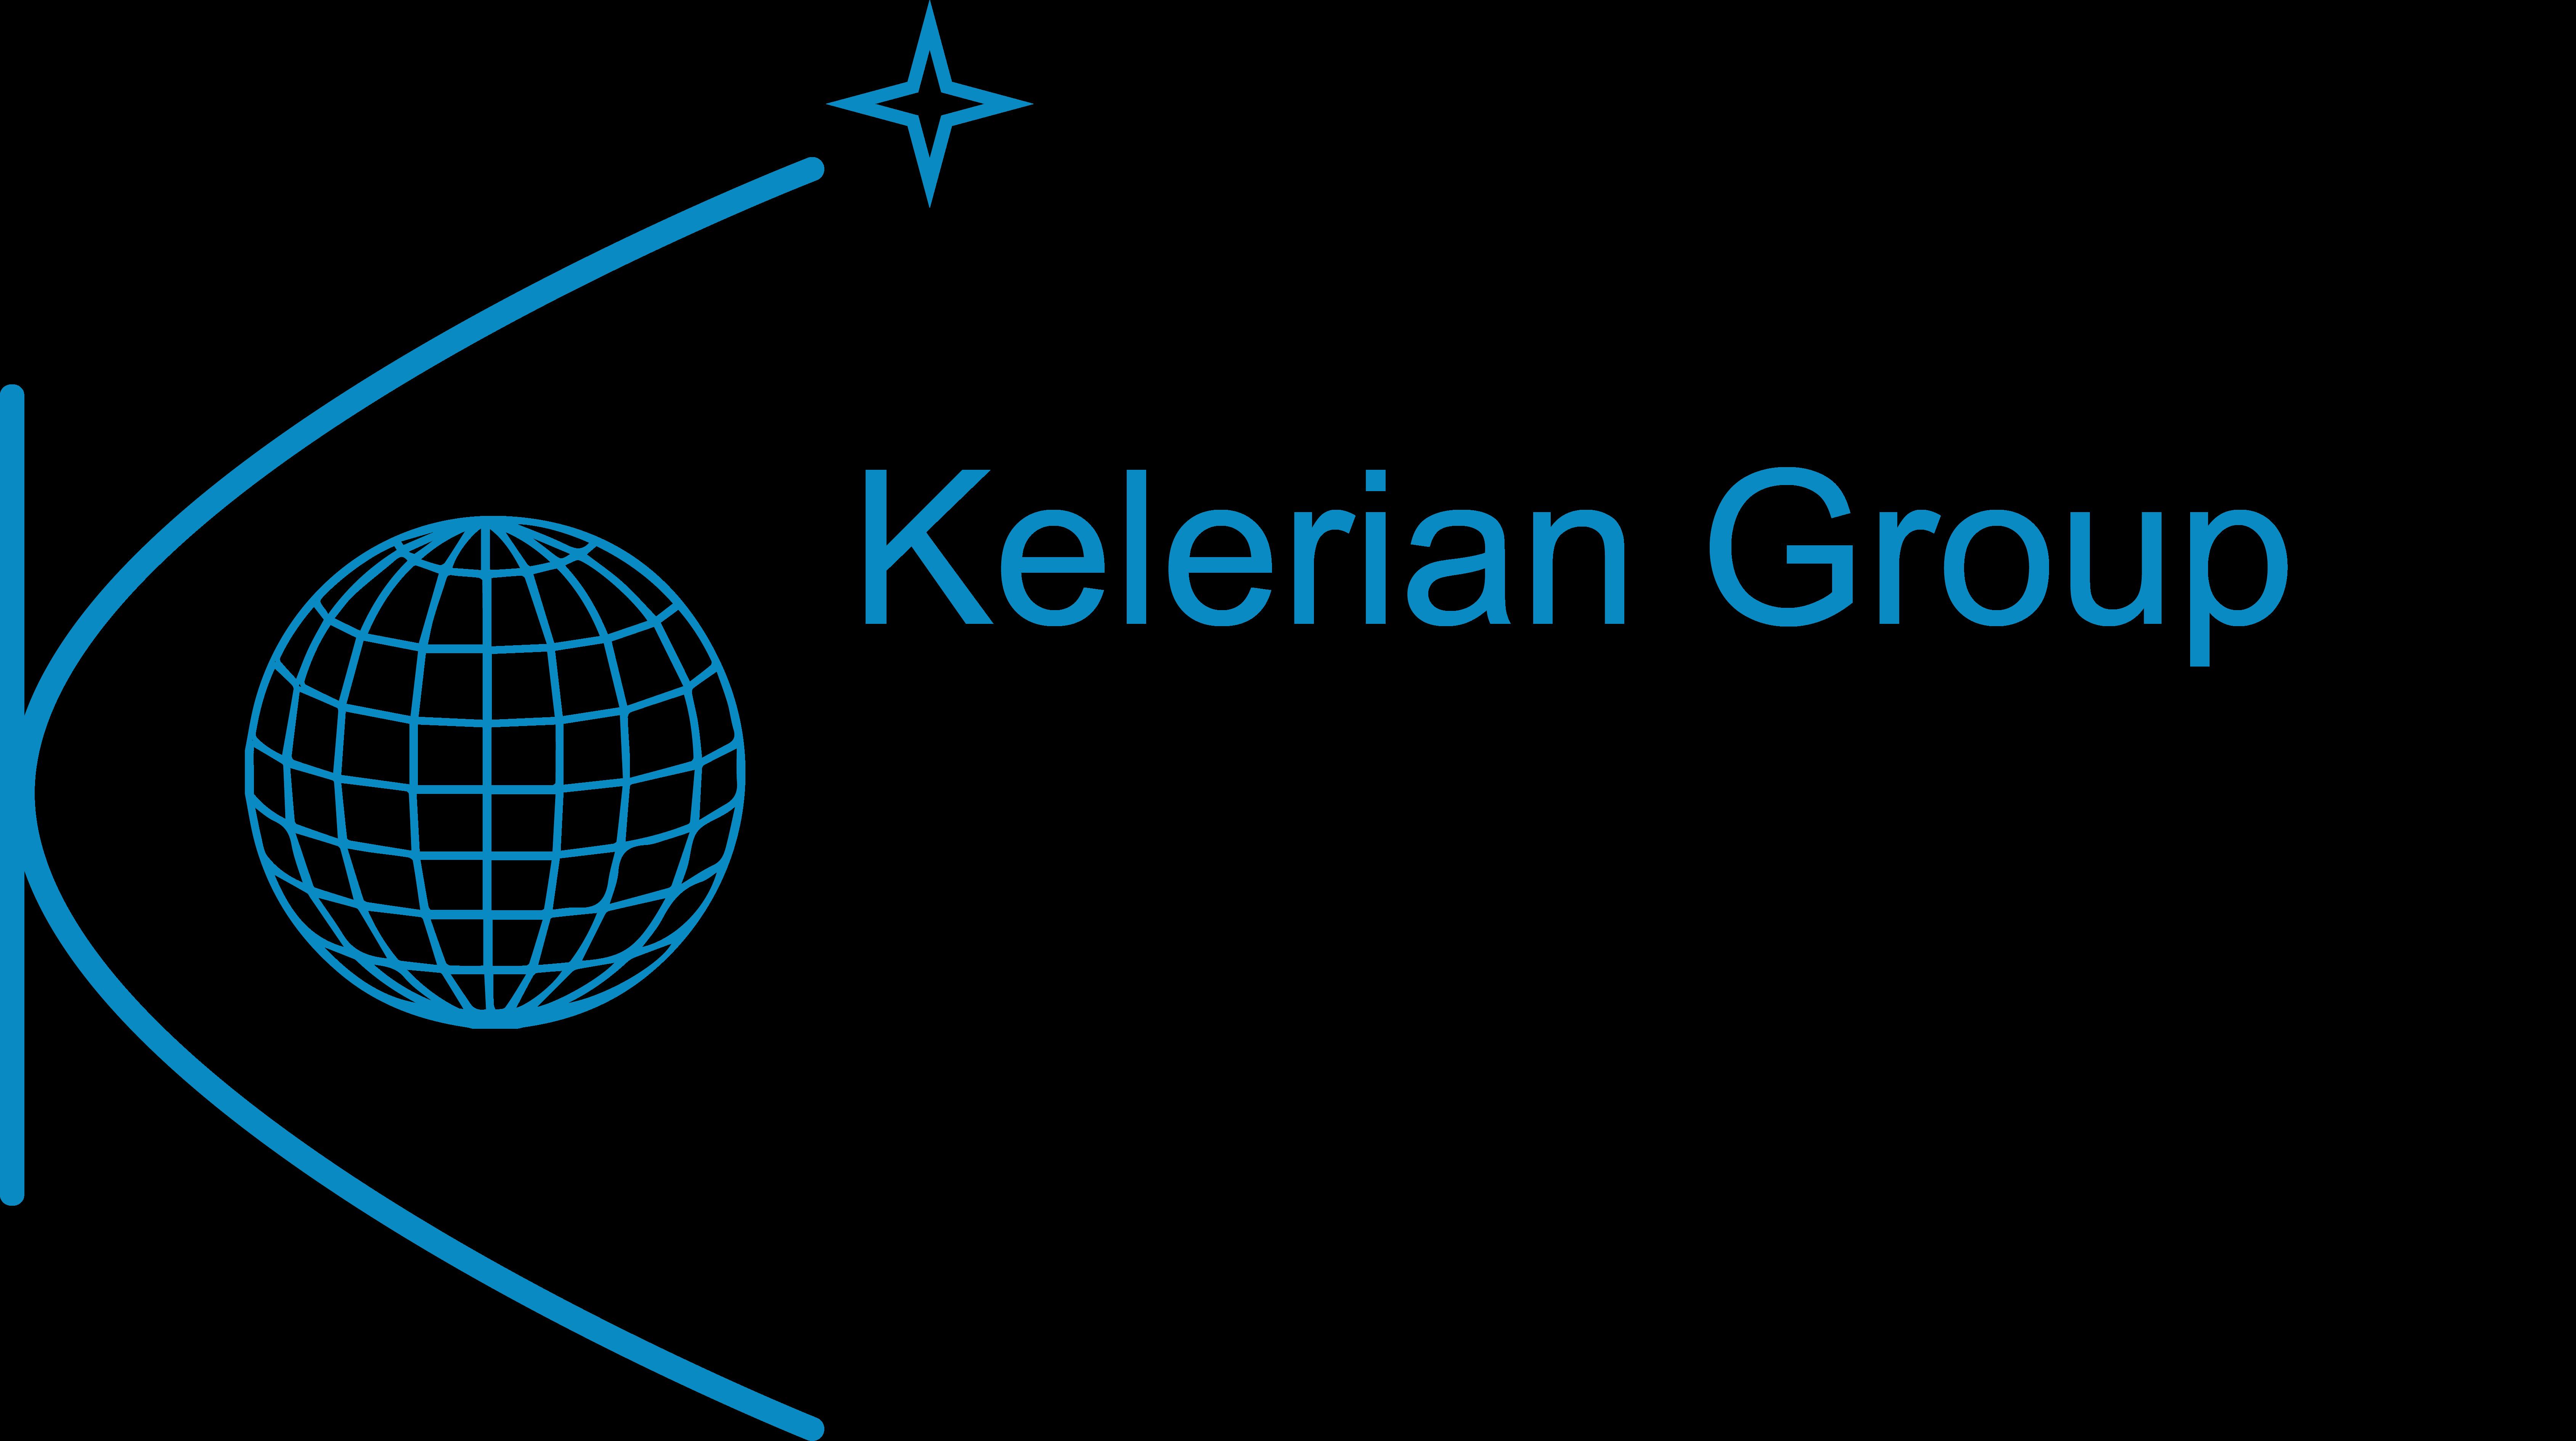 Kelerian Group